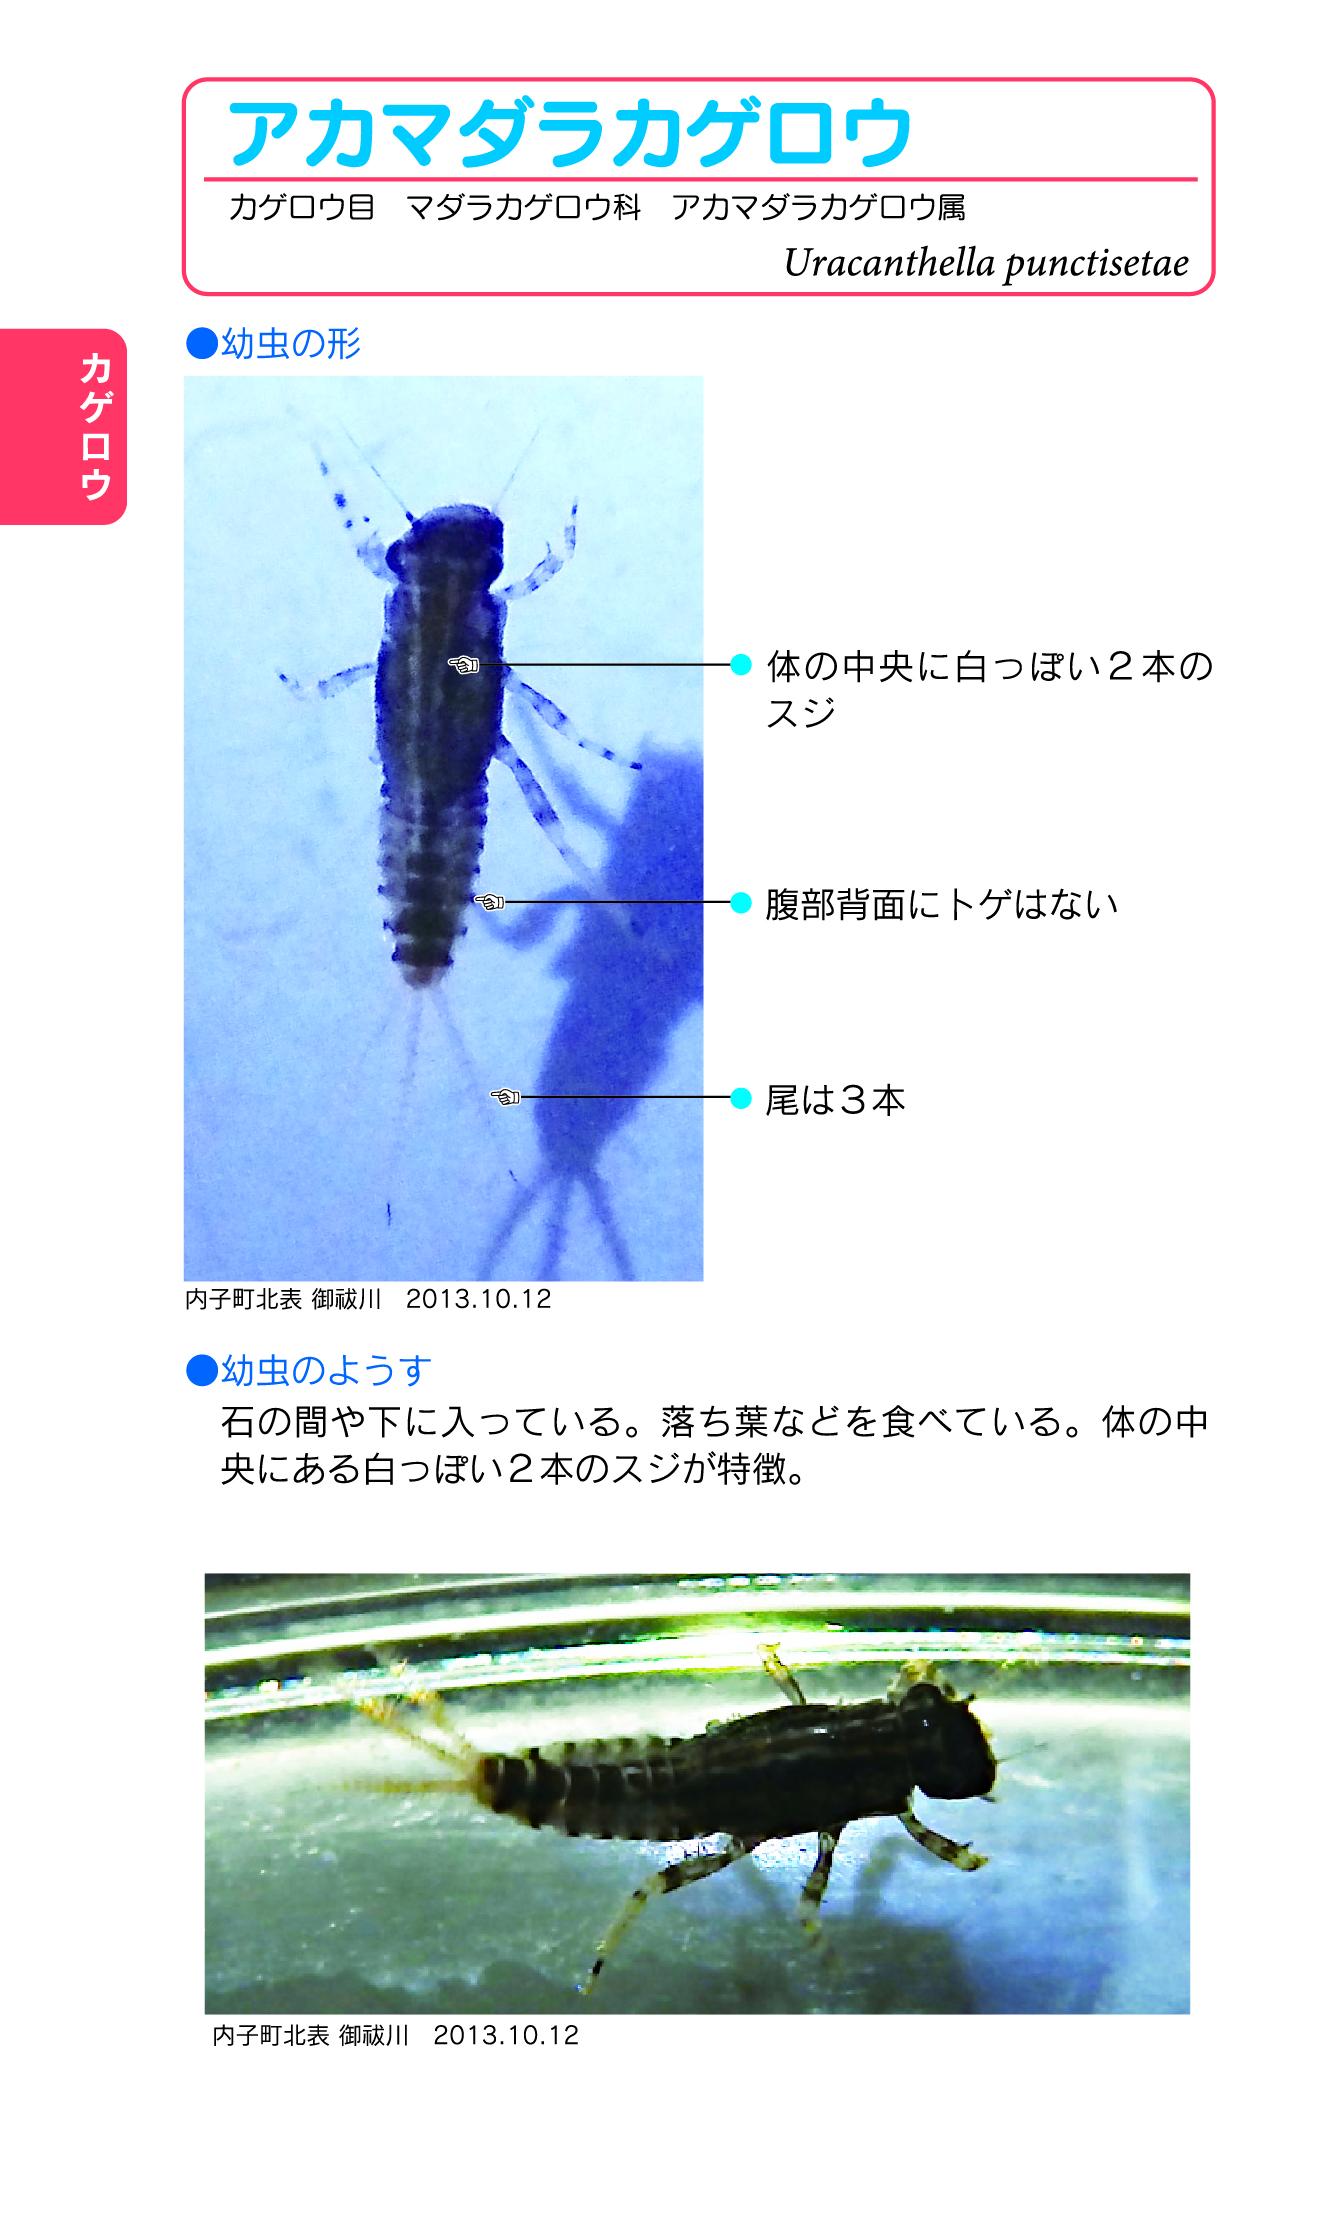 01-090-アカマダラカゲロウ